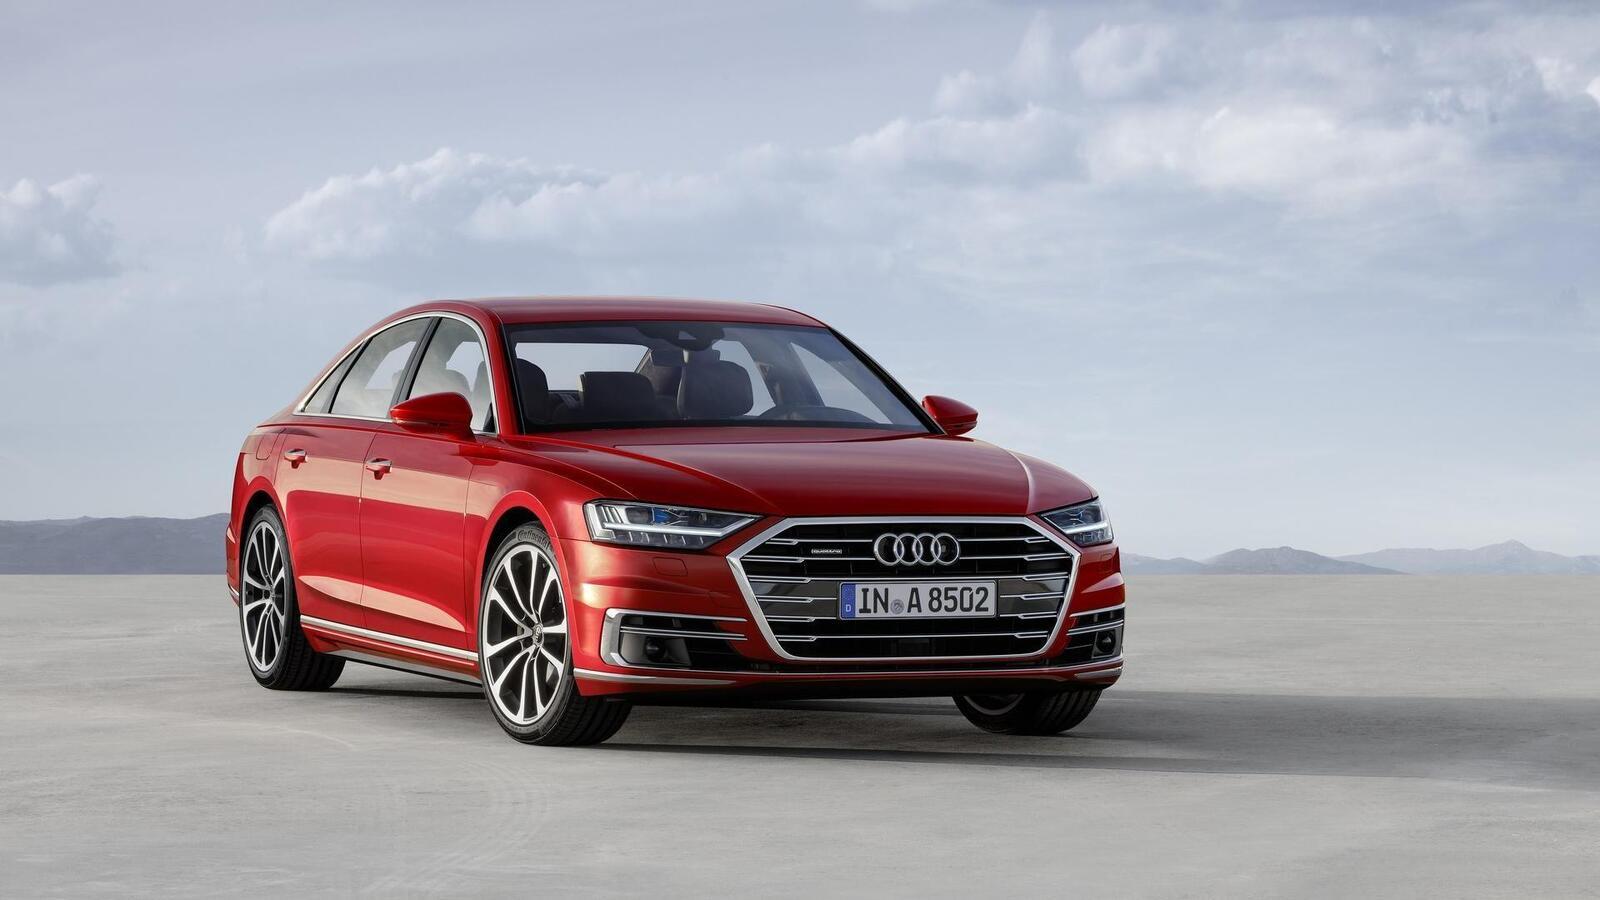 Audi thêm một số trang bị cho A8 2018 - Hình 23